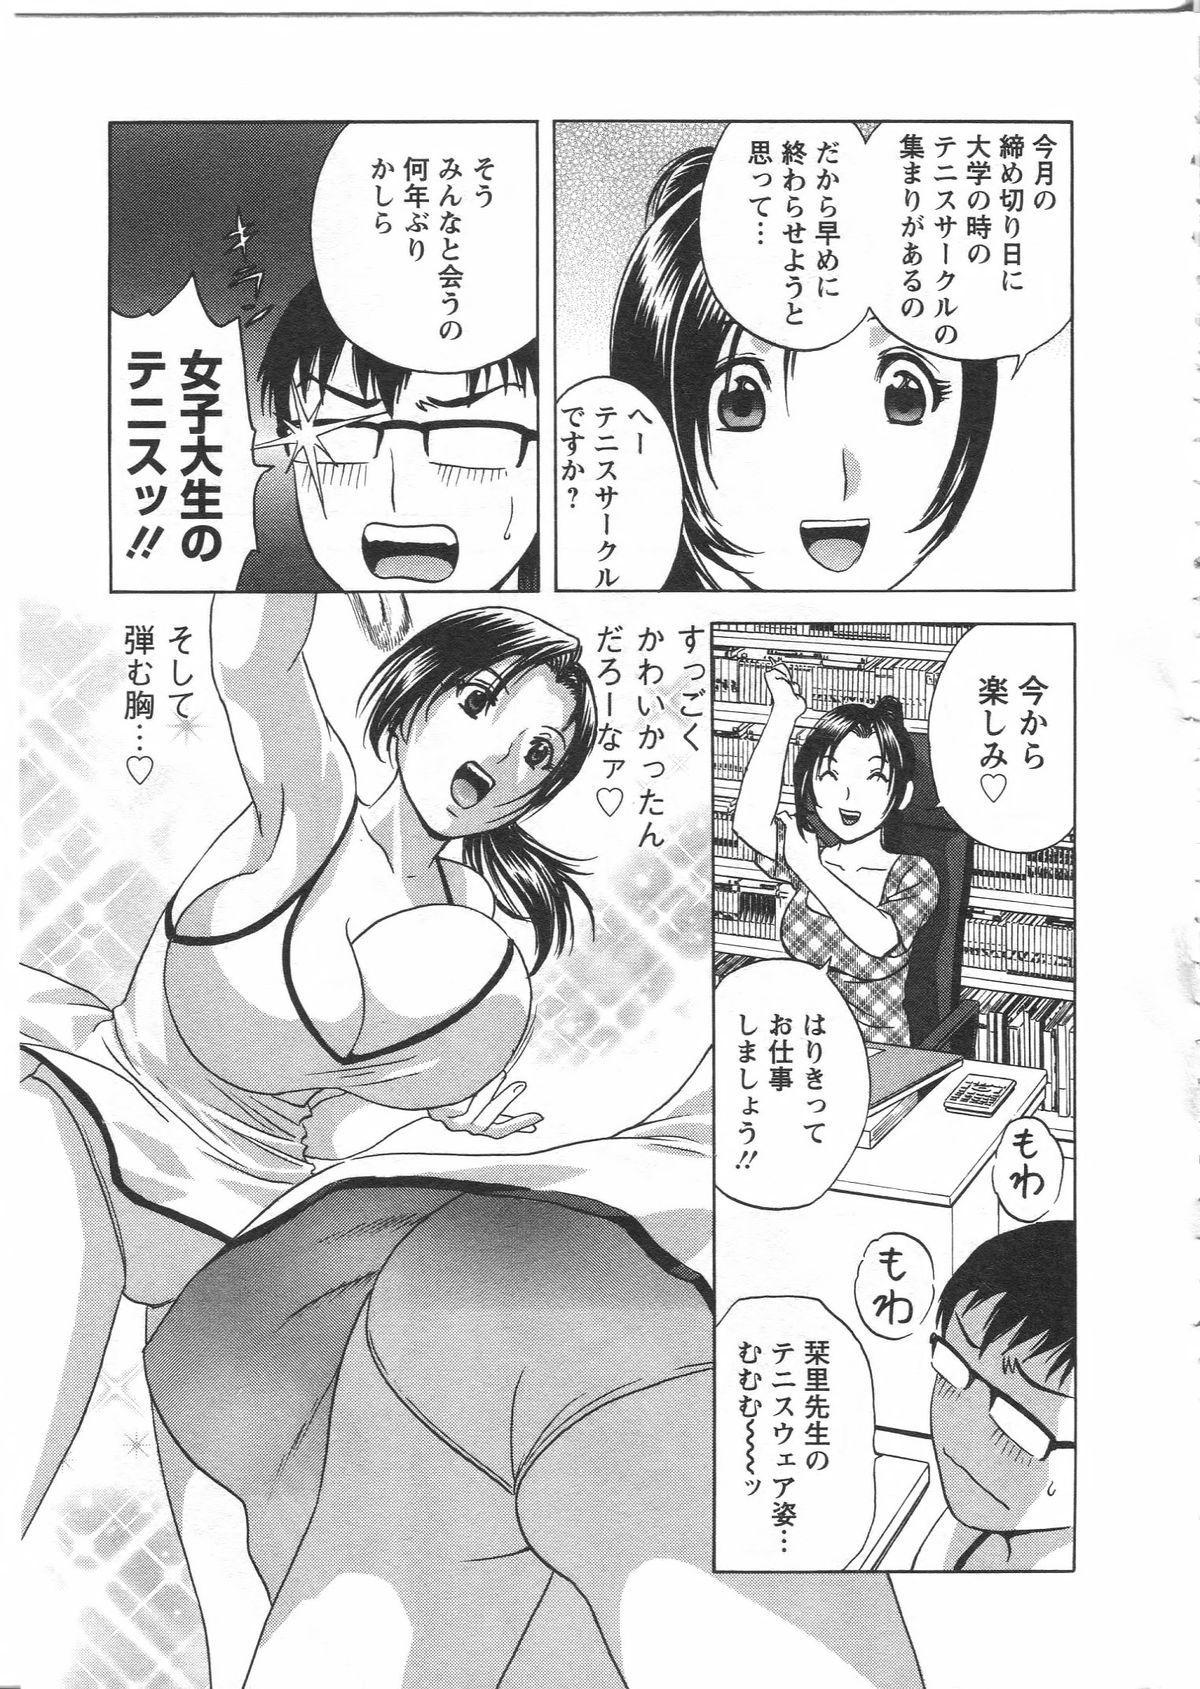 Manga no youna Hitozuma to no Hibi - Days with Married Women such as Comics. 82